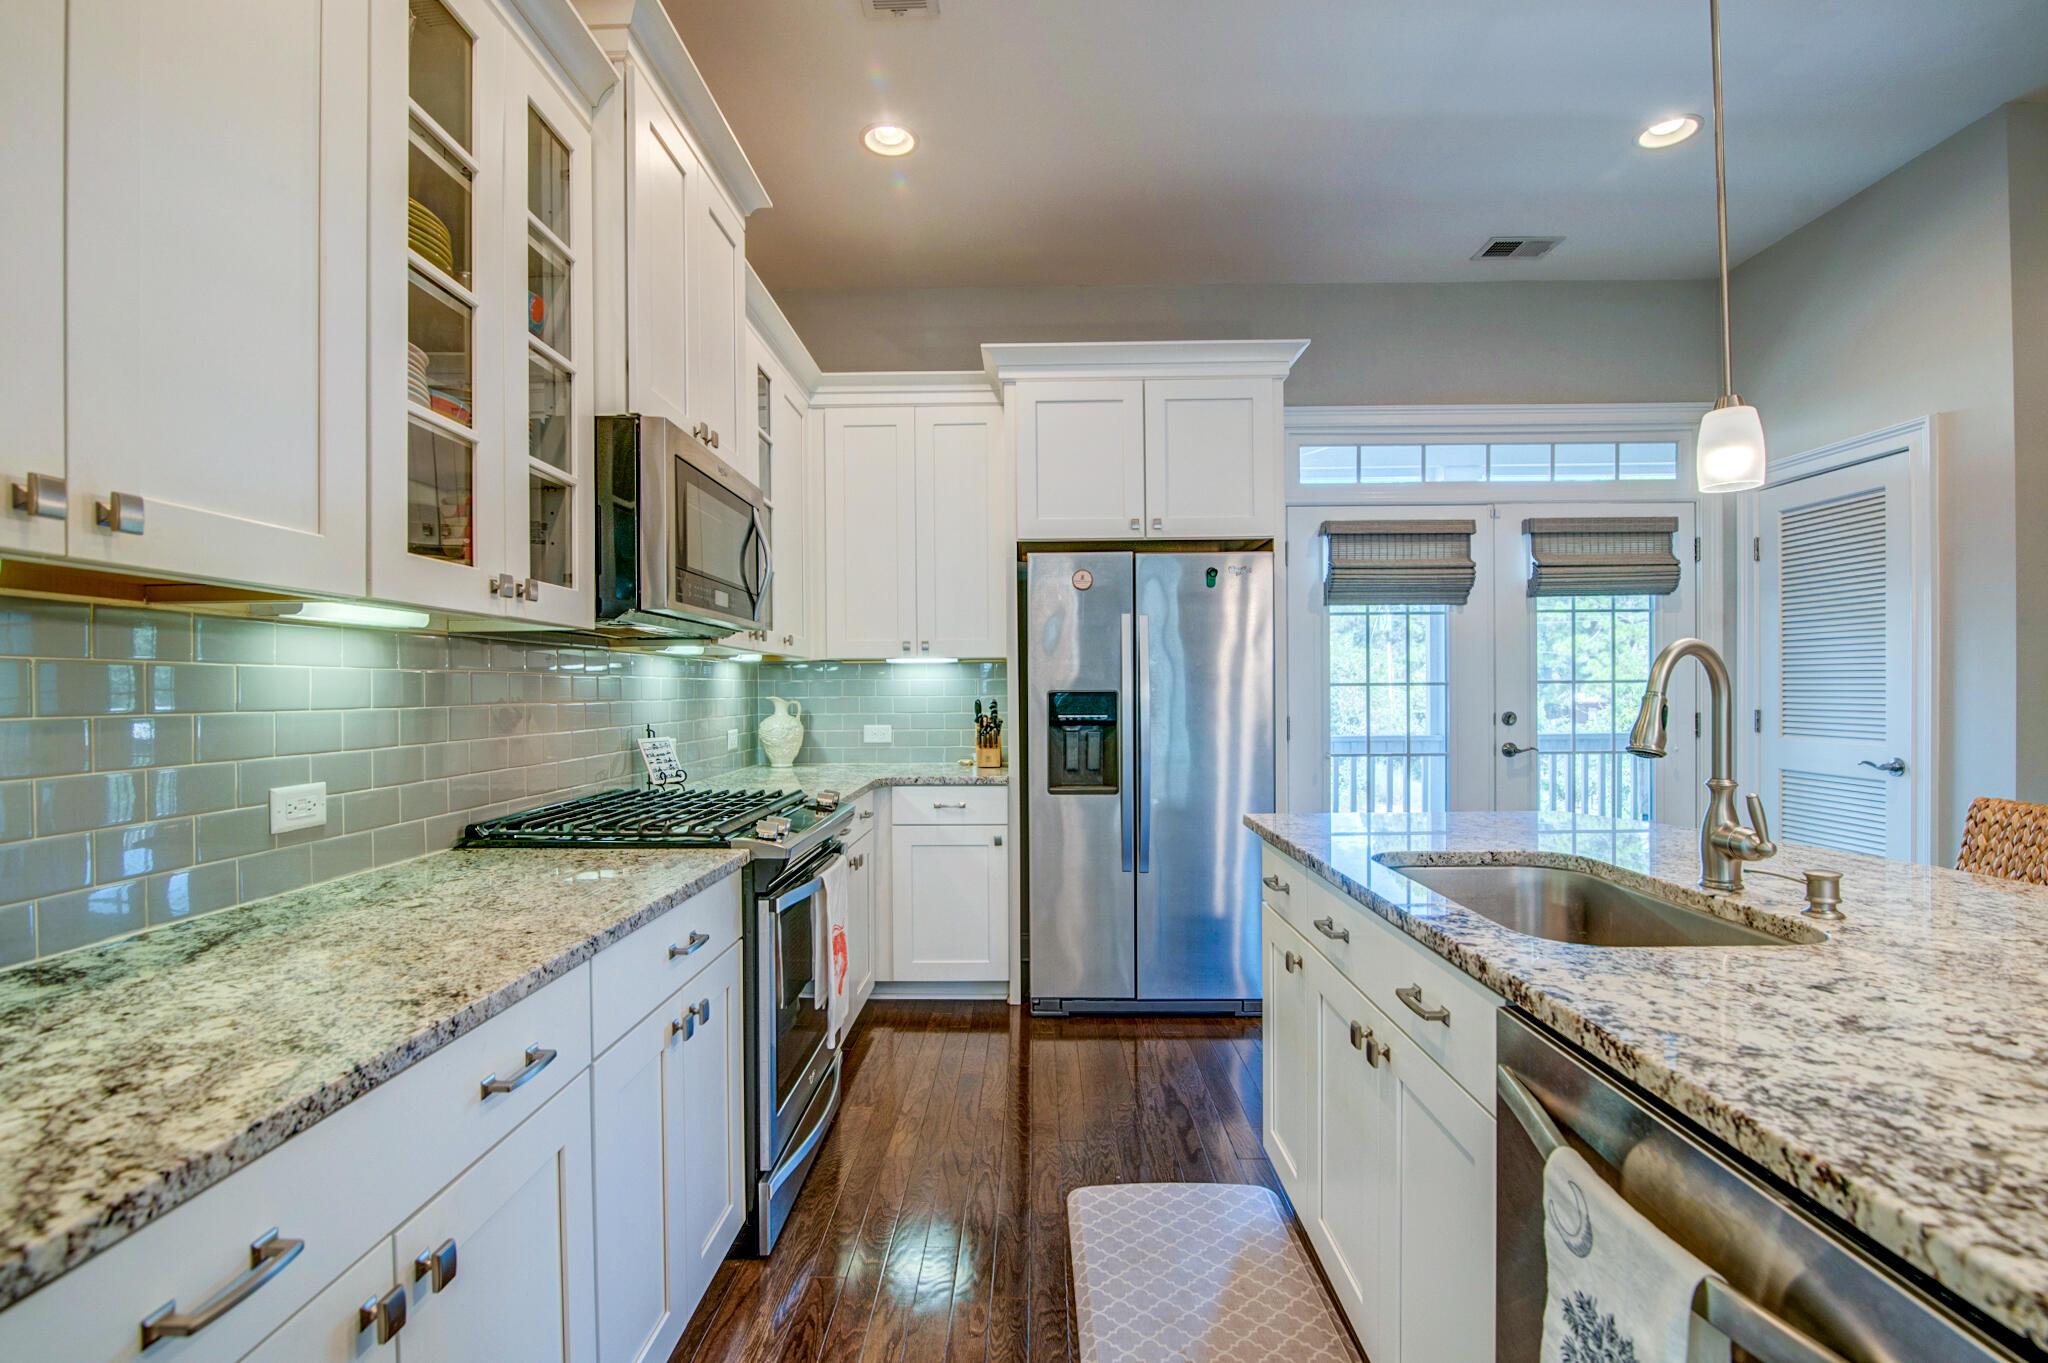 Whitesides Park Homes For Sale - 1102 Alagash Way, Mount Pleasant, SC - 20